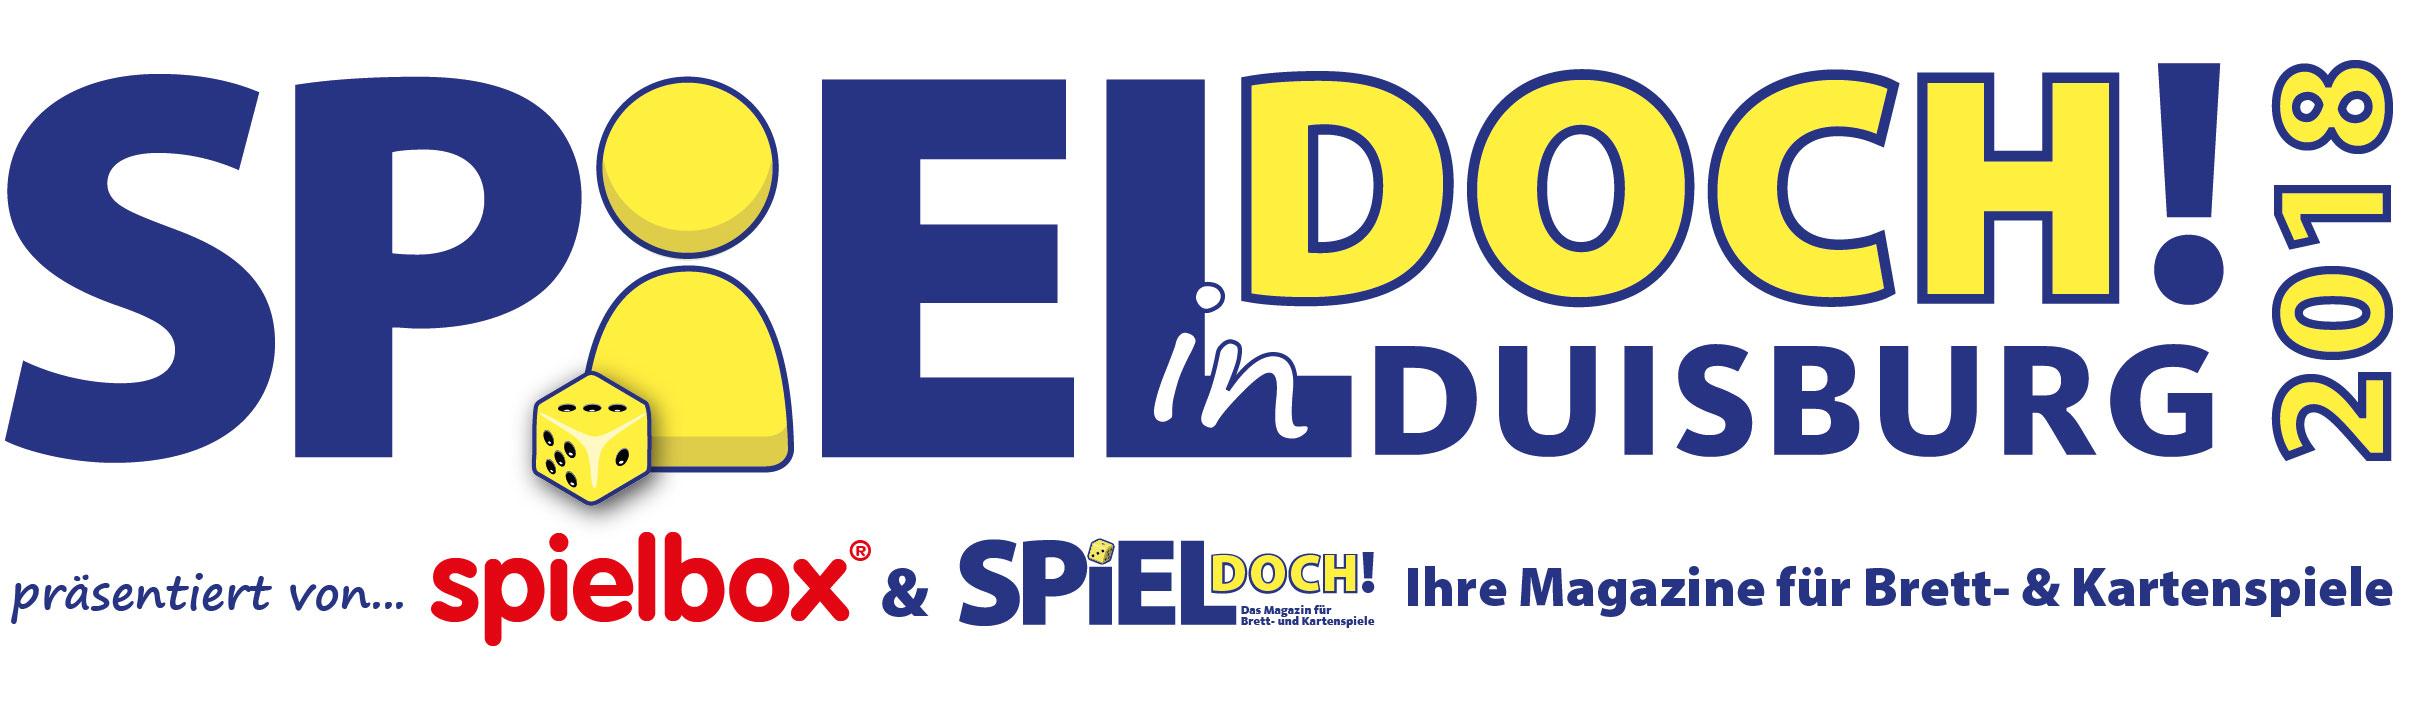 SPIEL DOCH!-Messe